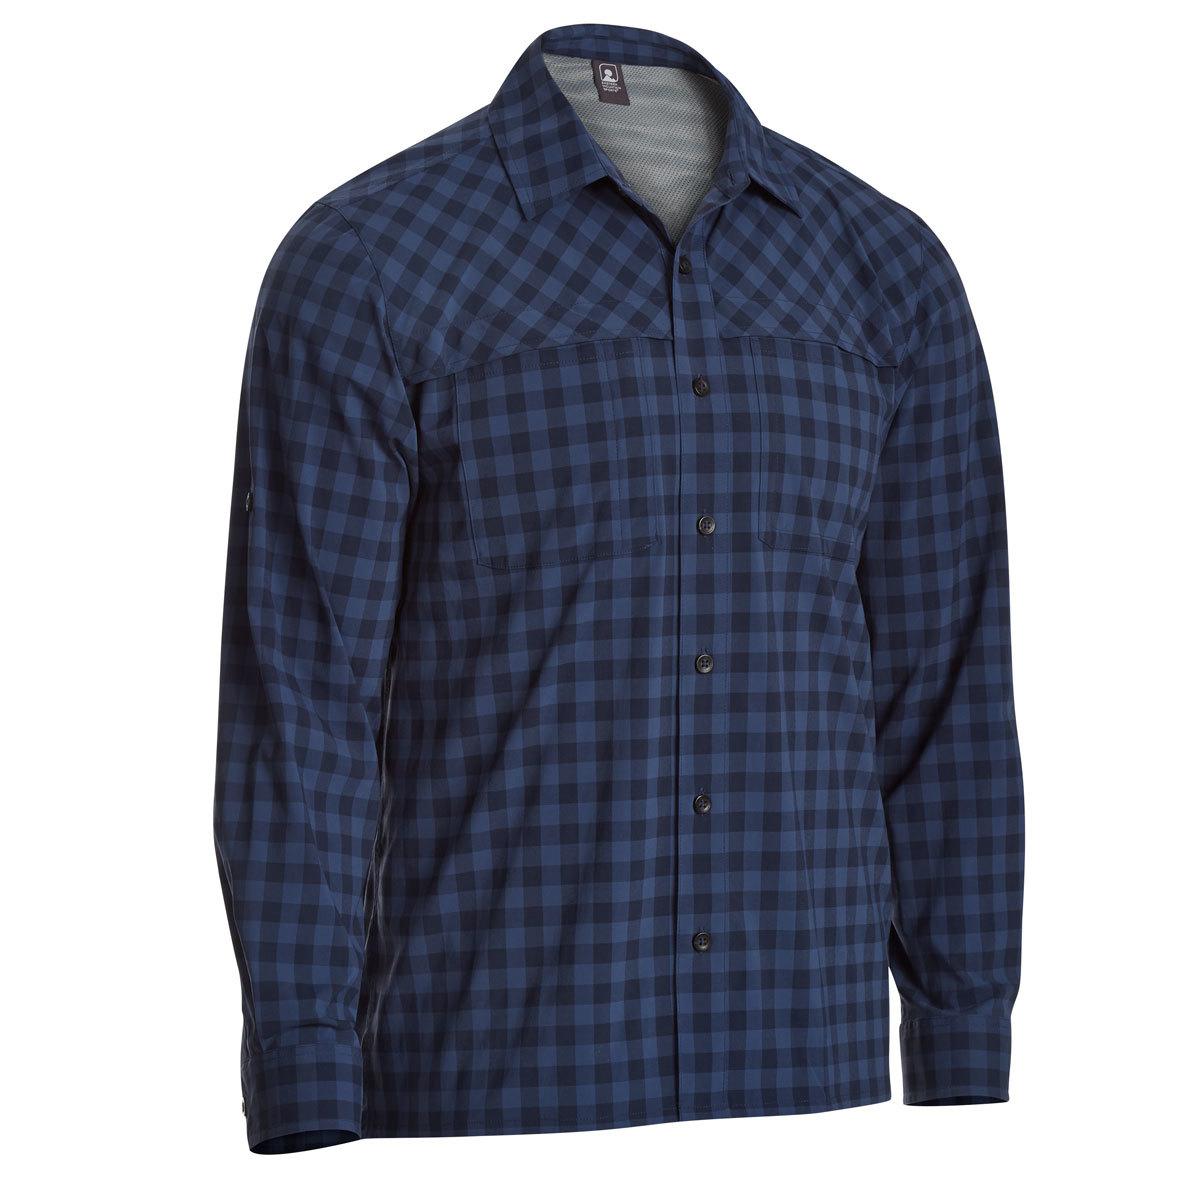 Ems Men's Journey Plaid Long-Sleeve Shirt - Blue, L